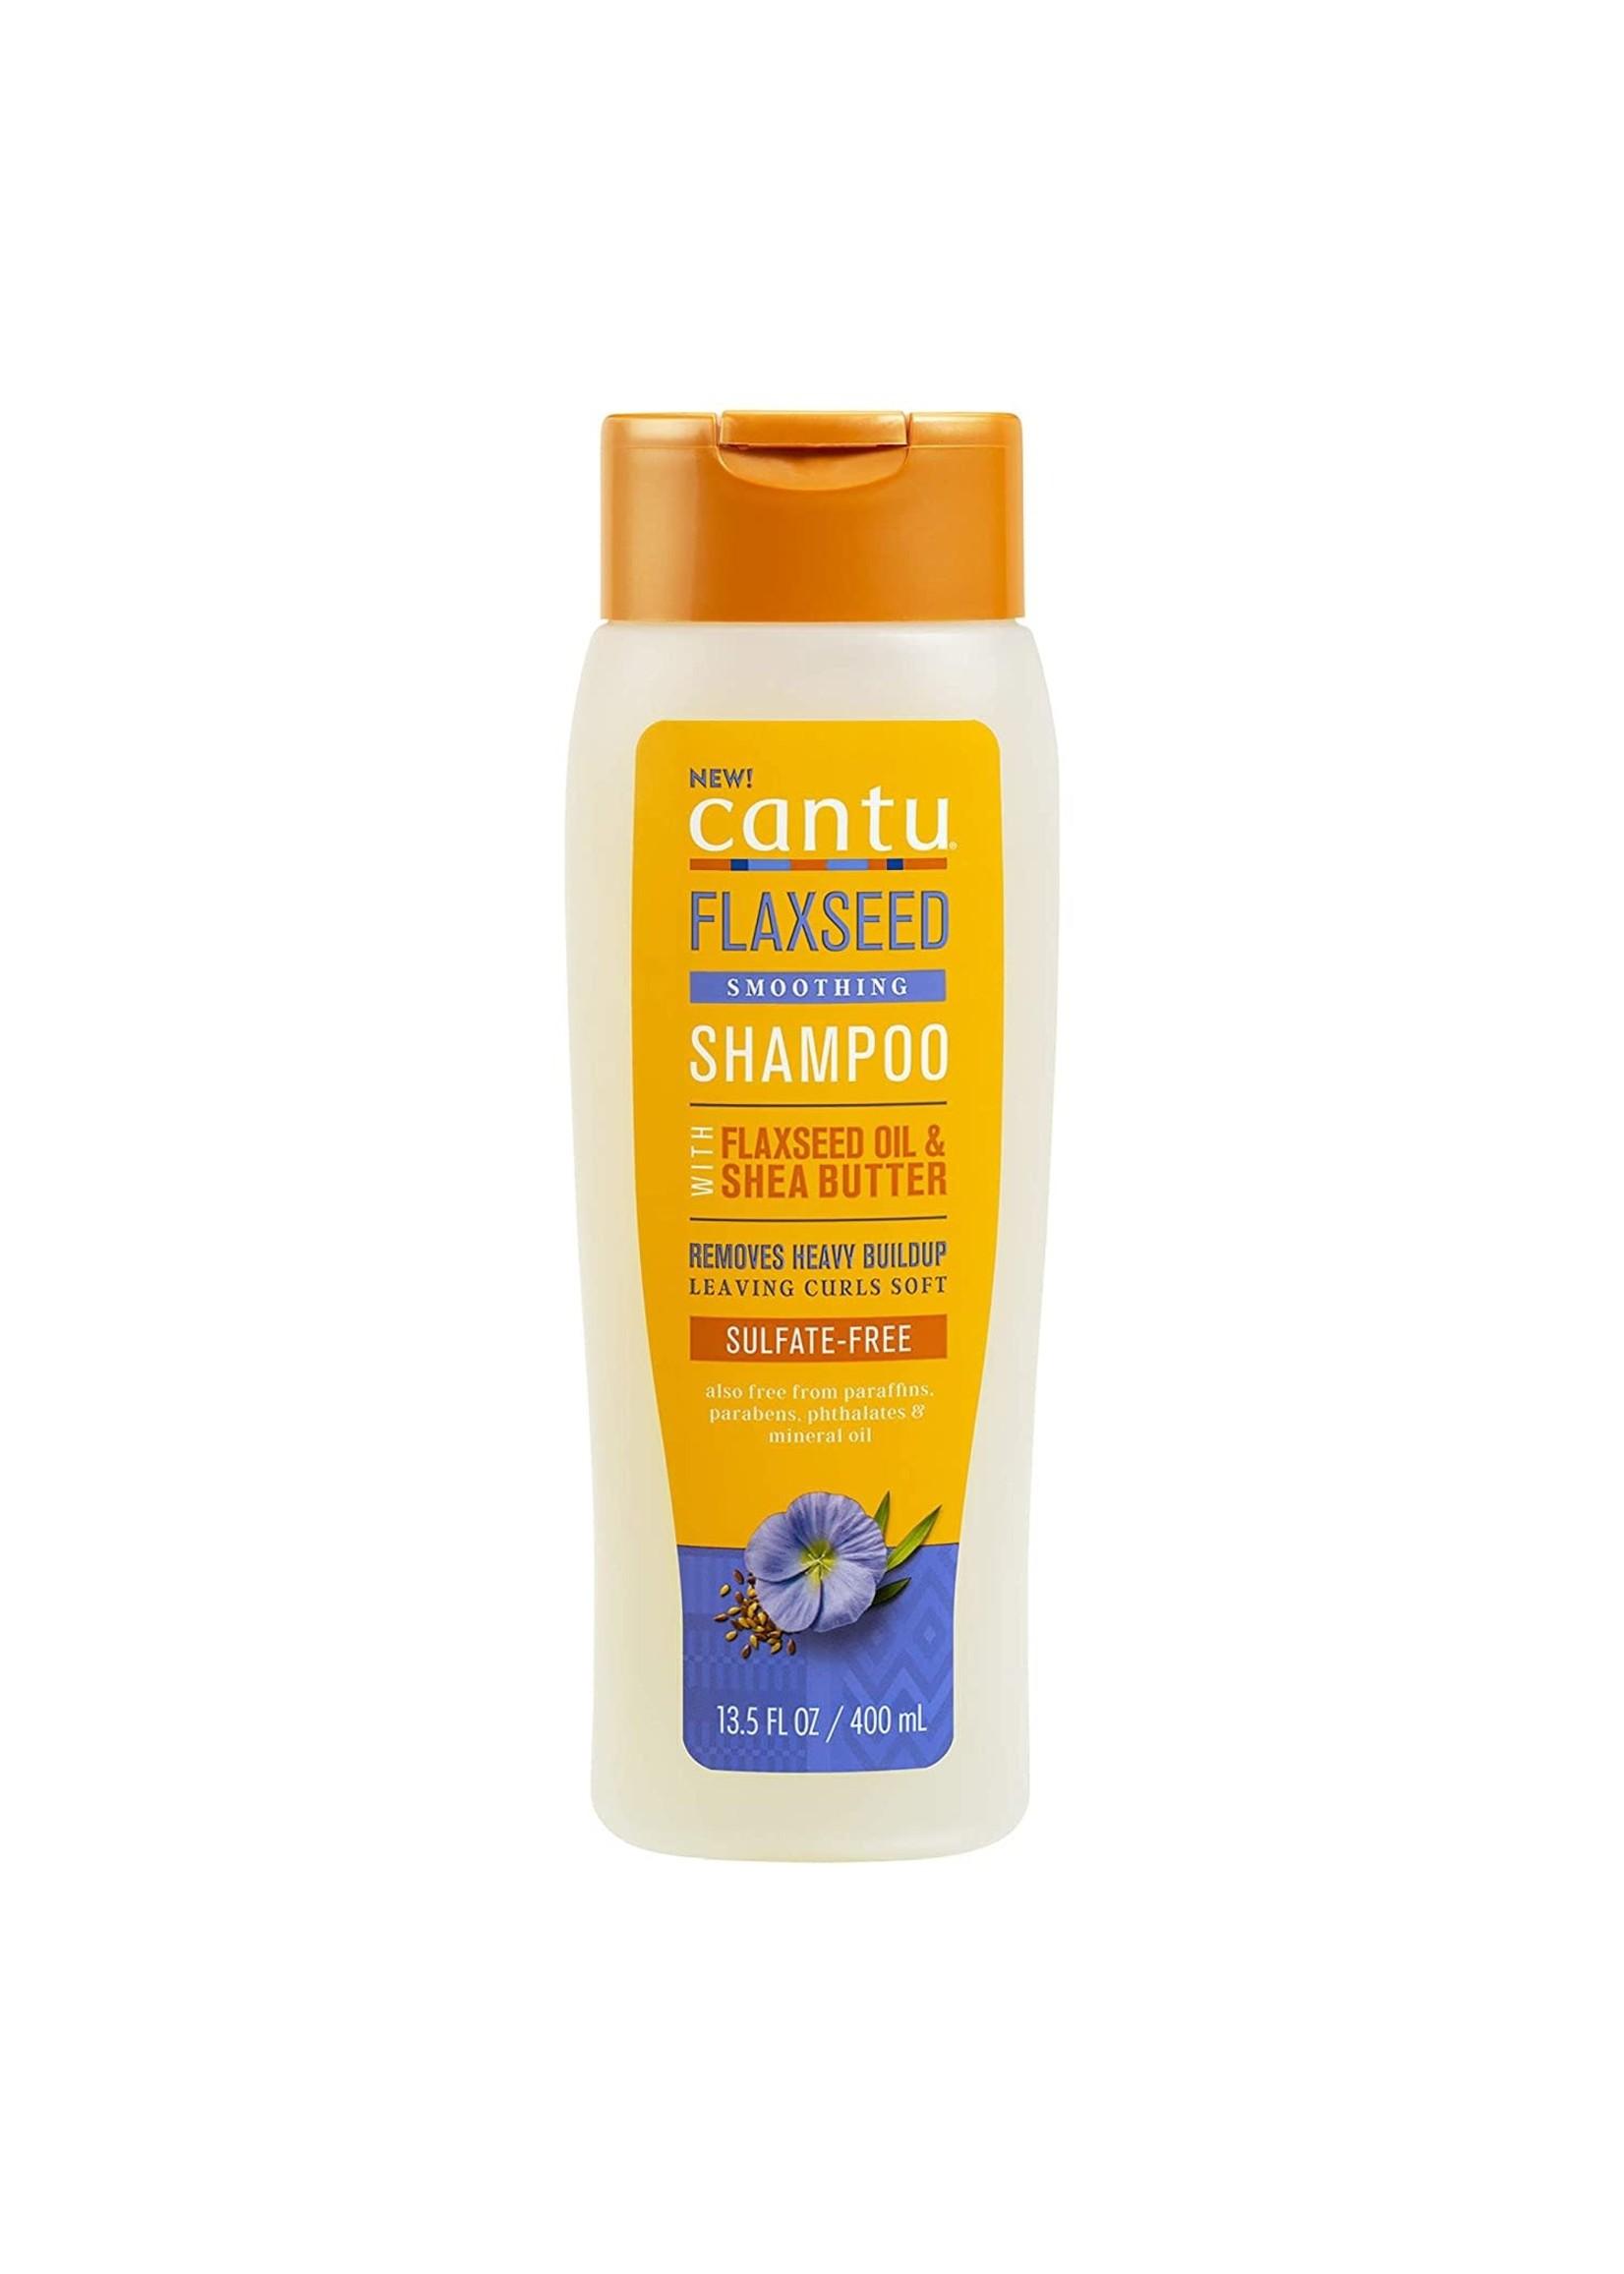 Cantu Flaxseed Shampoo